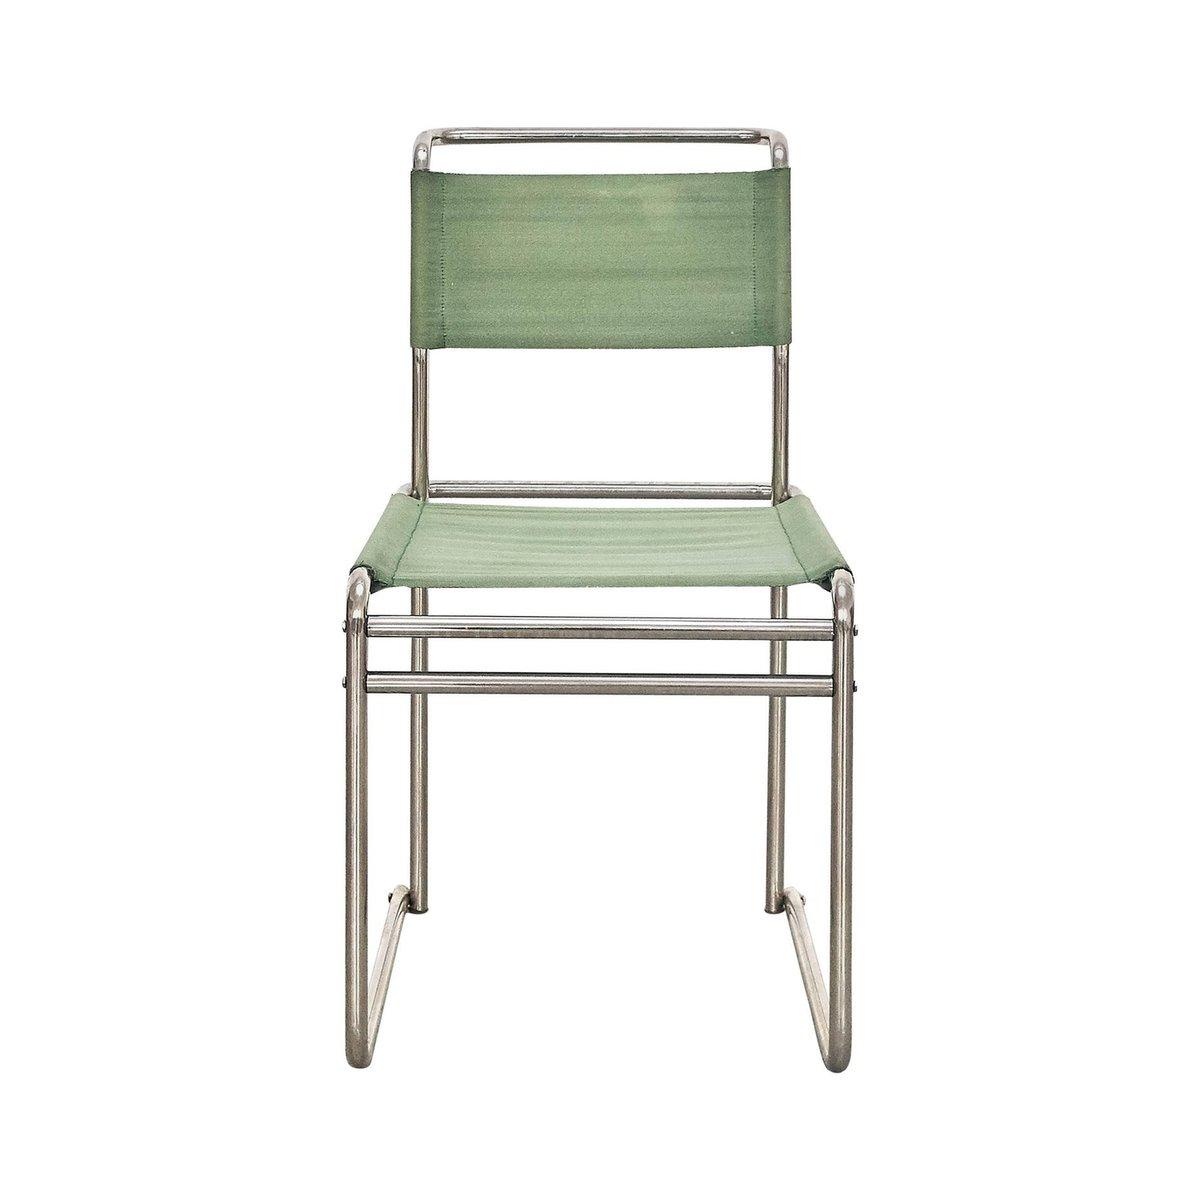 b5 stuhl von marcel breuer f r tecta 1970er bei pamono kaufen. Black Bedroom Furniture Sets. Home Design Ideas